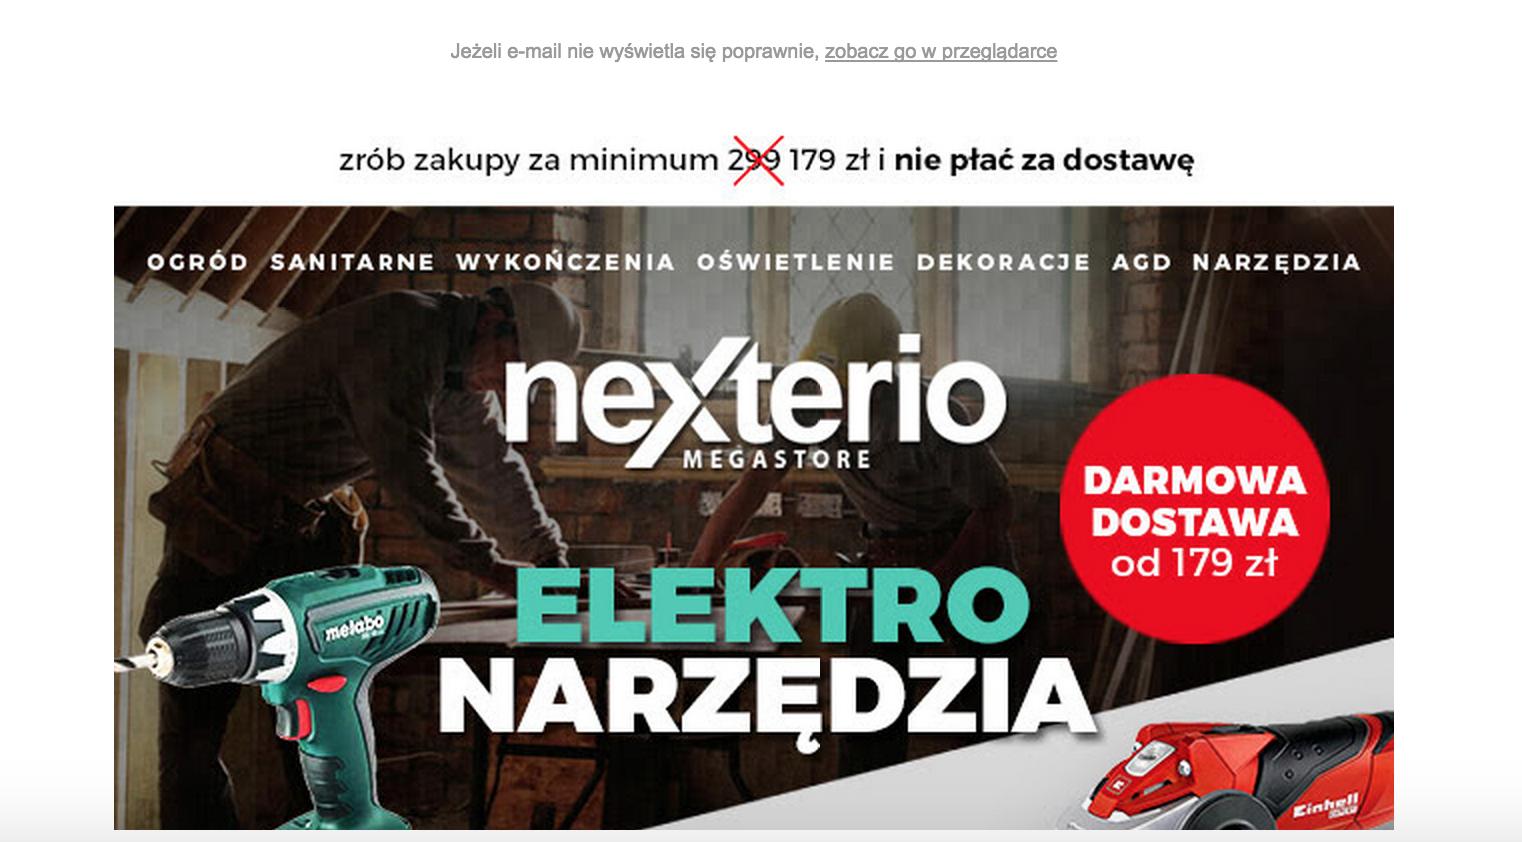 Above the fold Nexterio